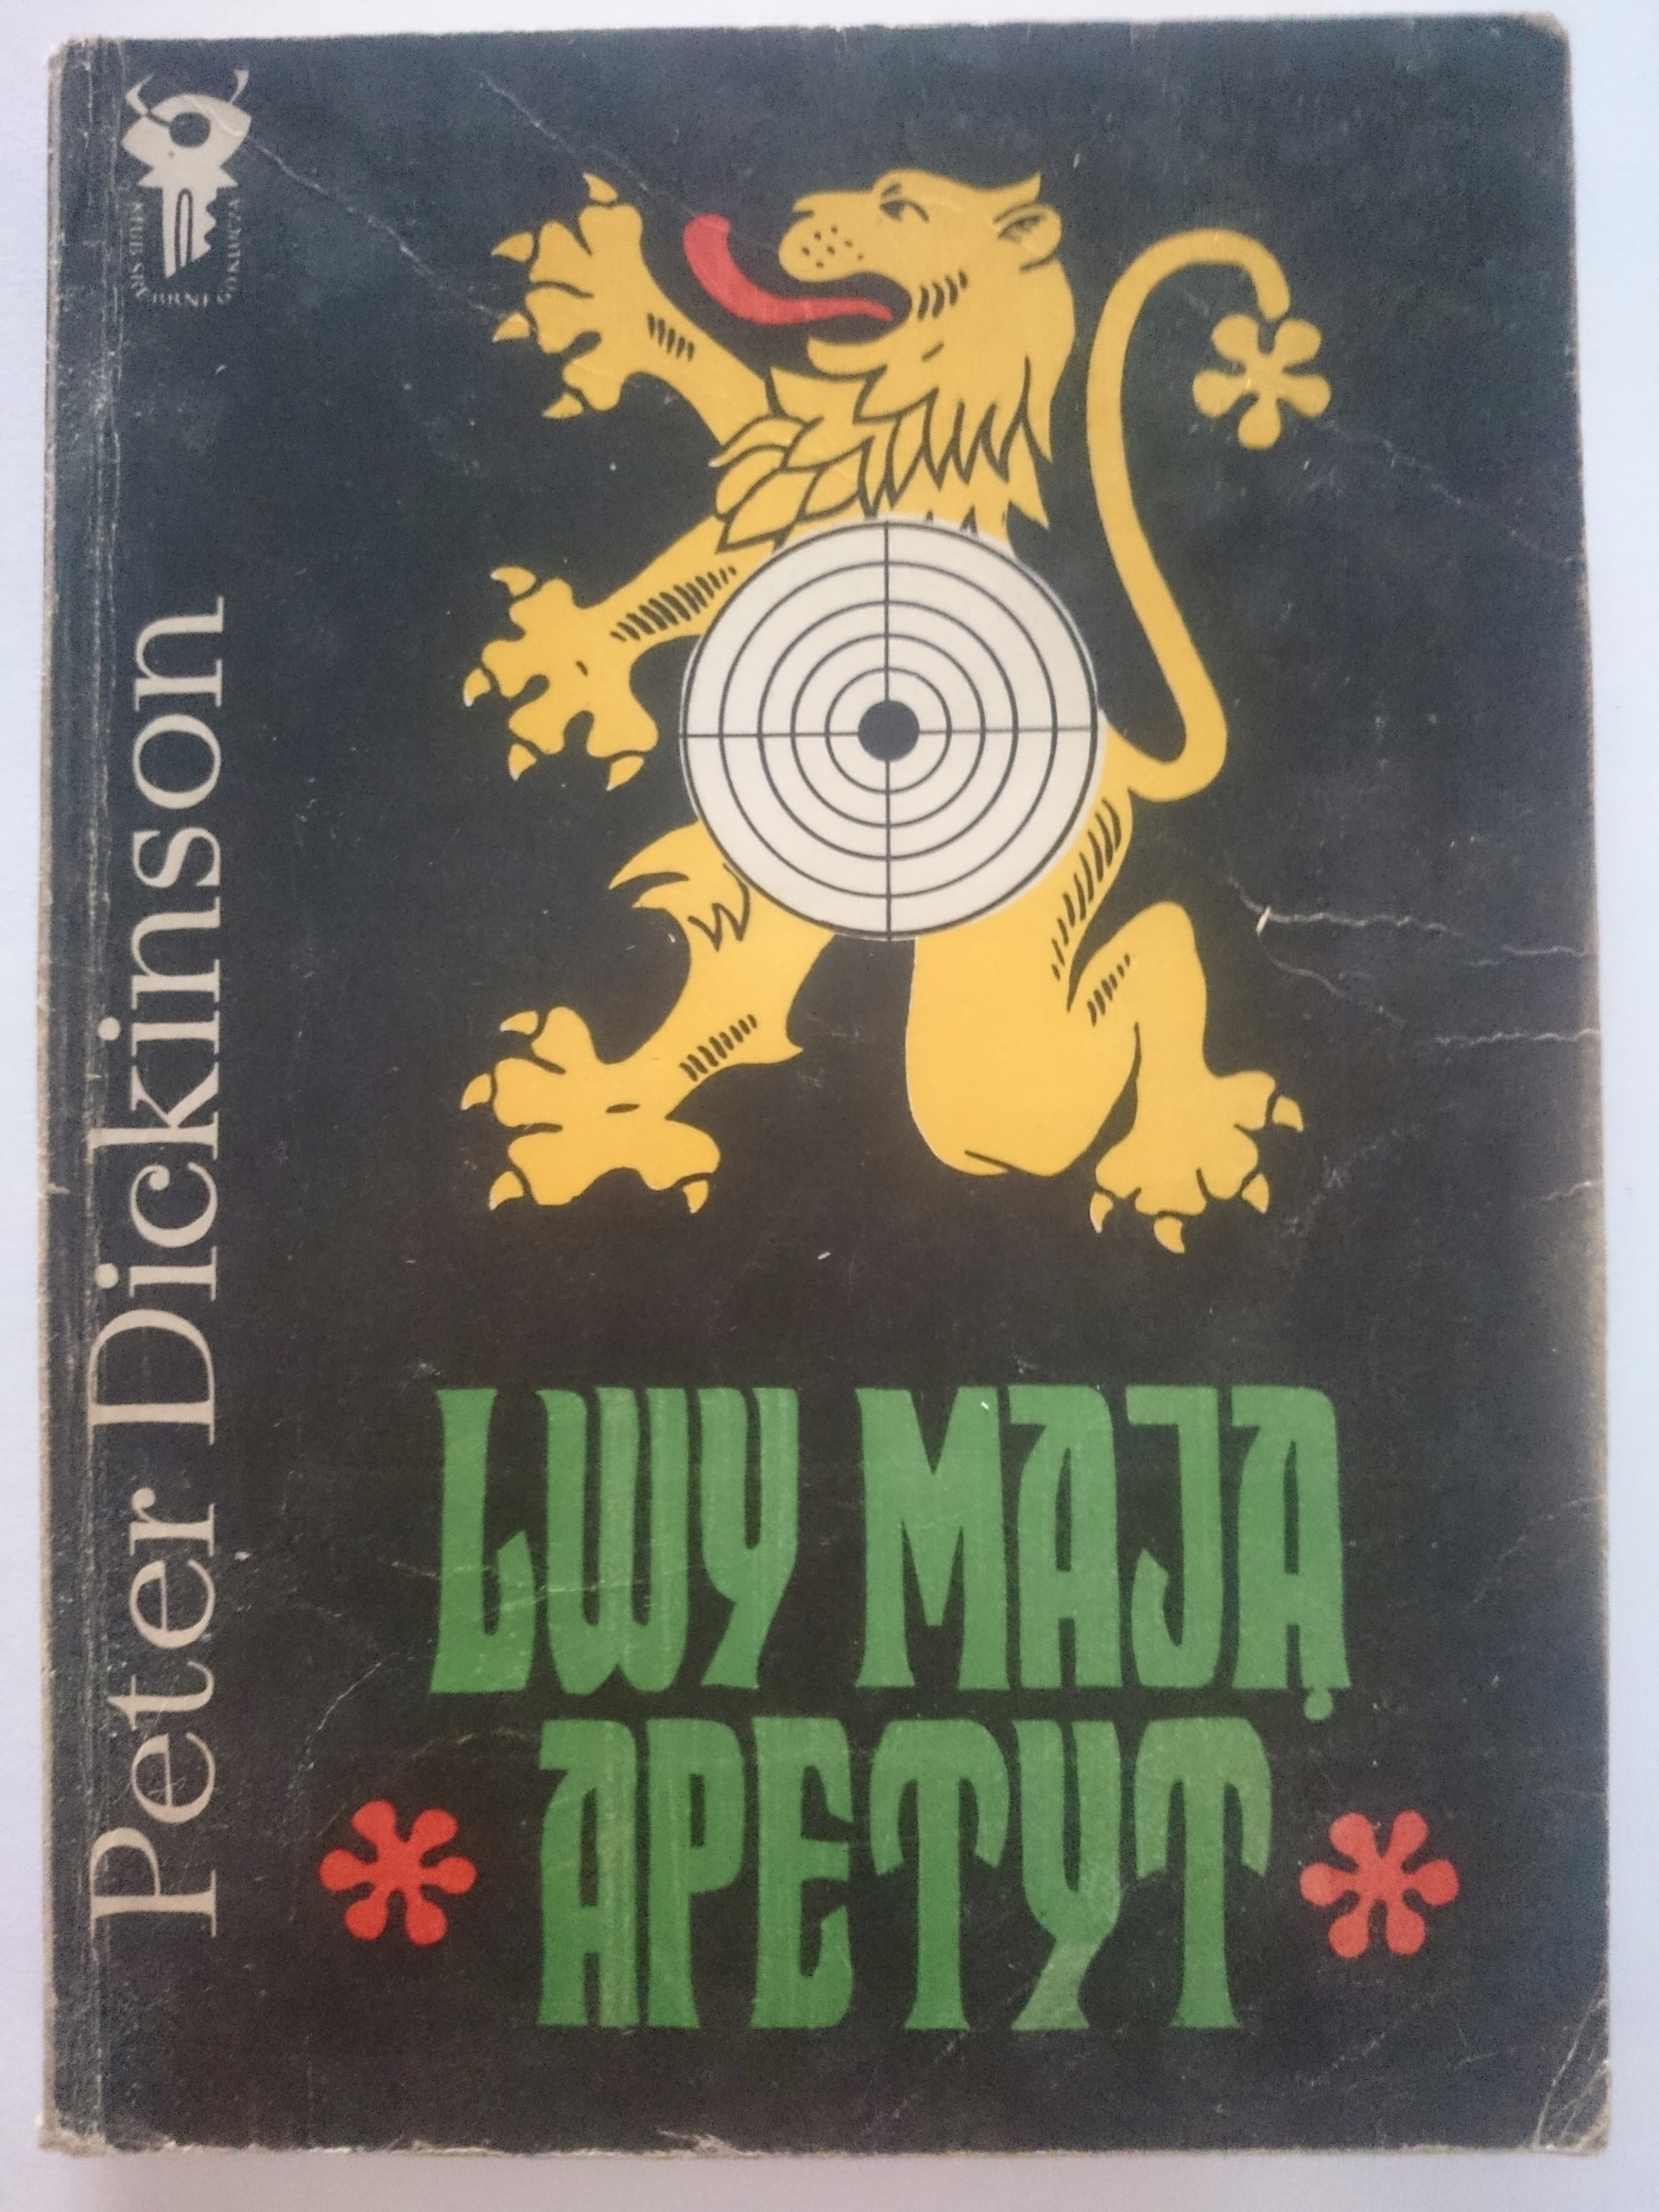 Znalezione obrazy dla zapytania Peter Dickinson : Lwy mają apetyt